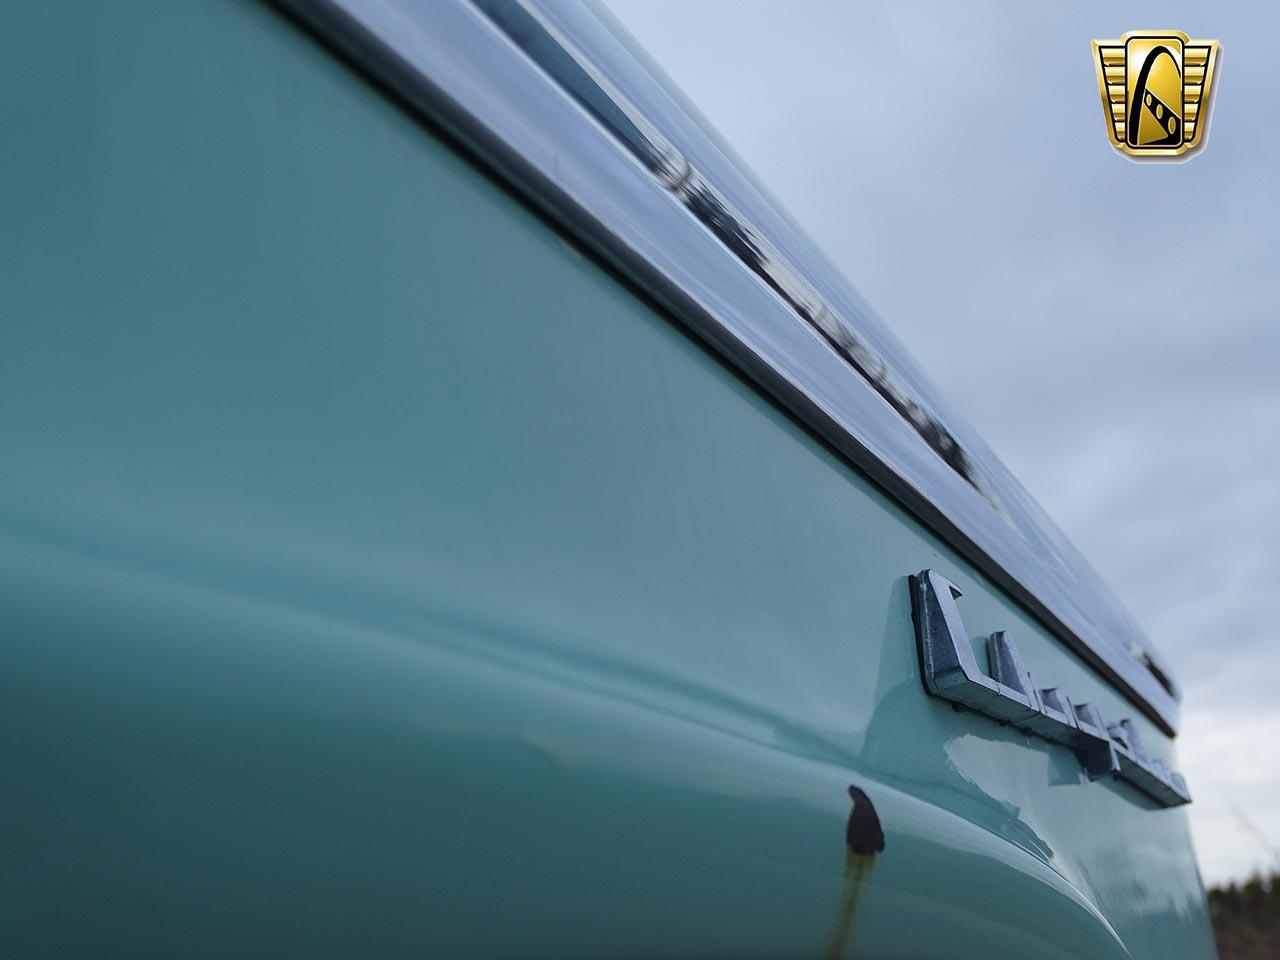 1956 Chrysler Windsor 58